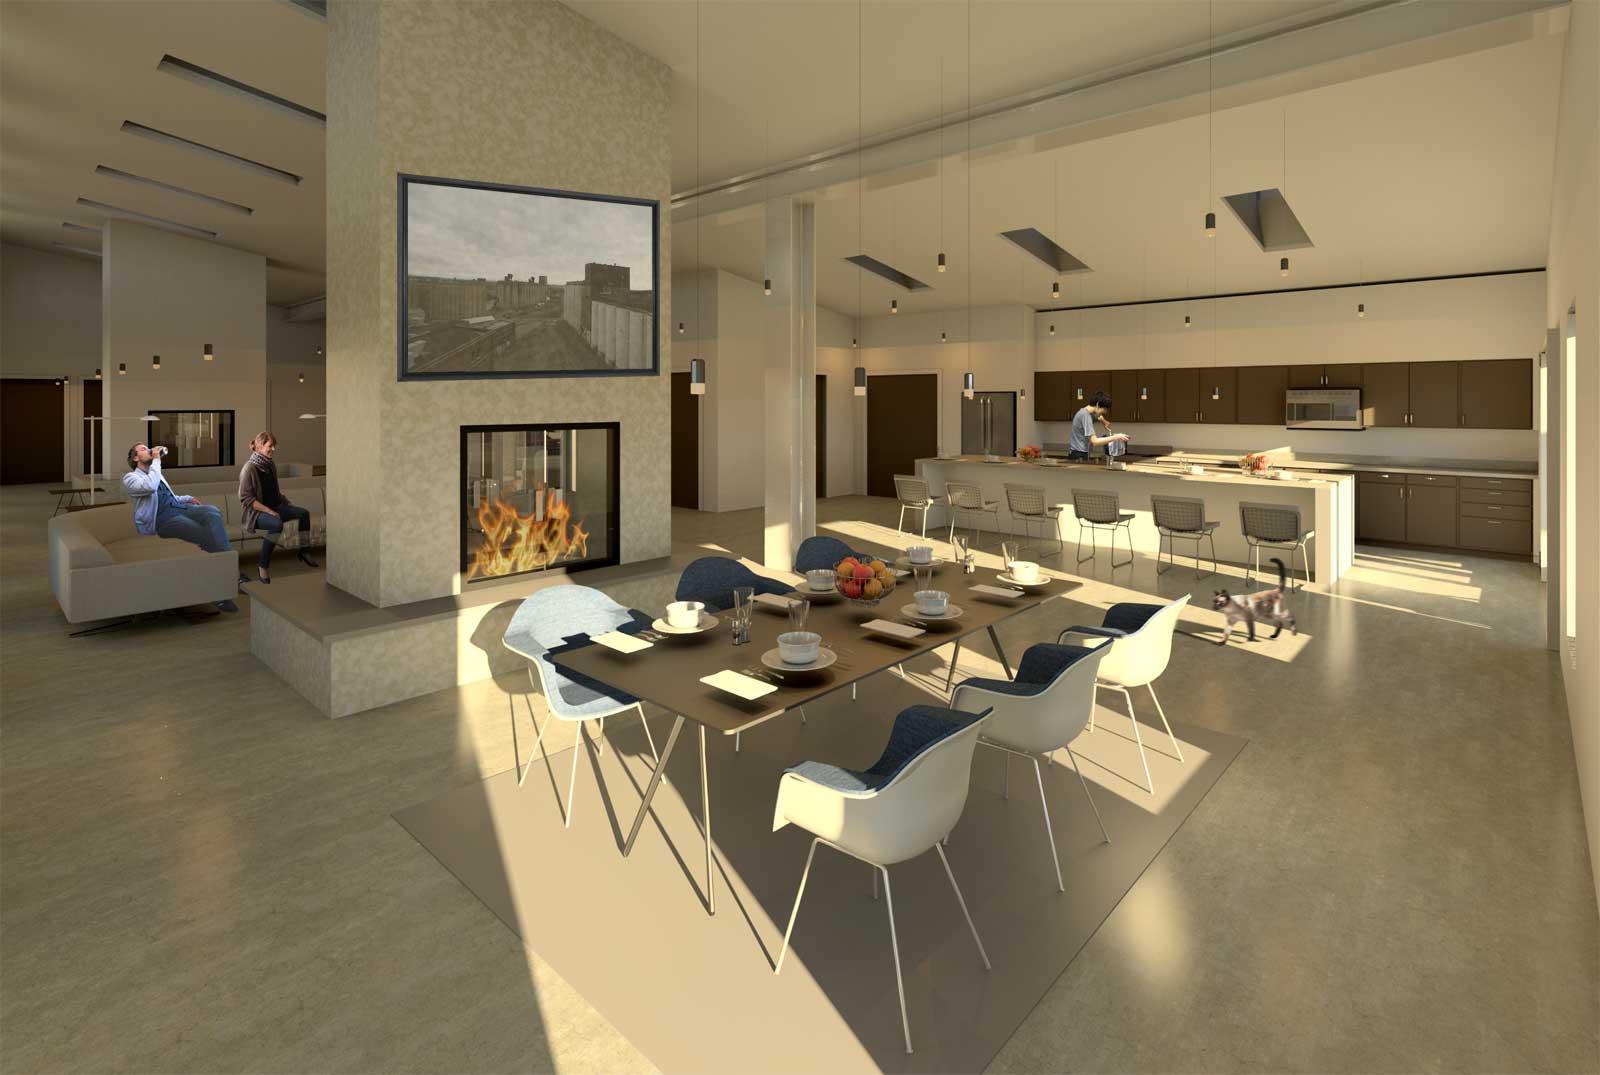 17x30-Interior-Dining-Room.jpg